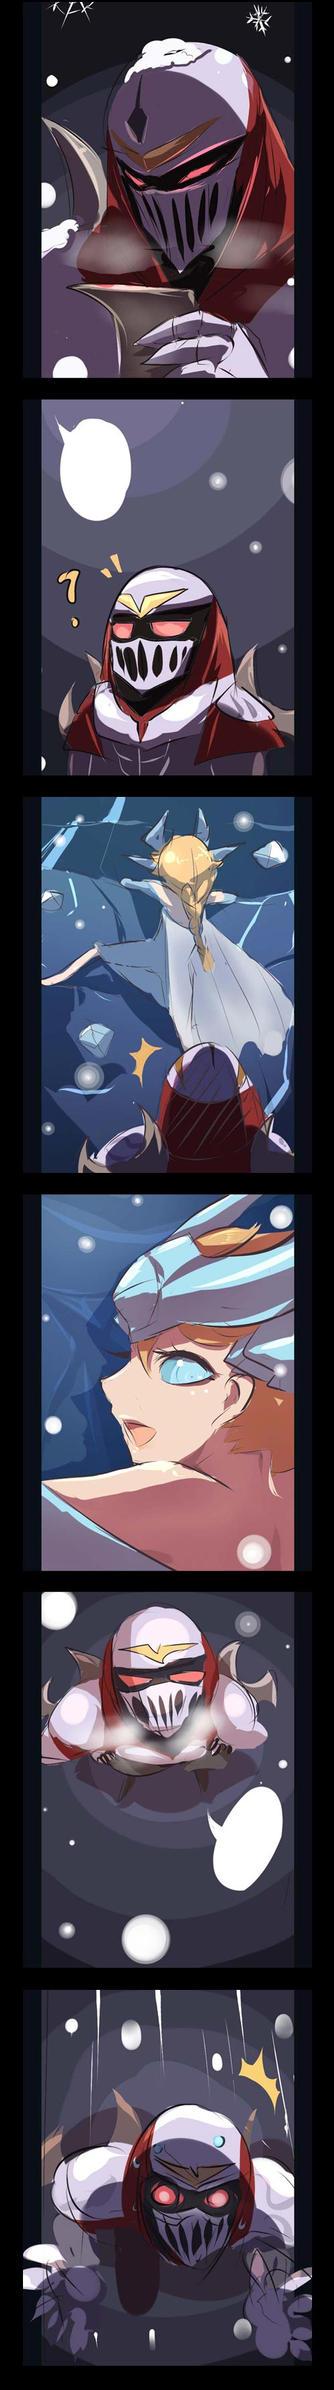 [LOL] Frozen Syndra~(little story) by beanbeancurd